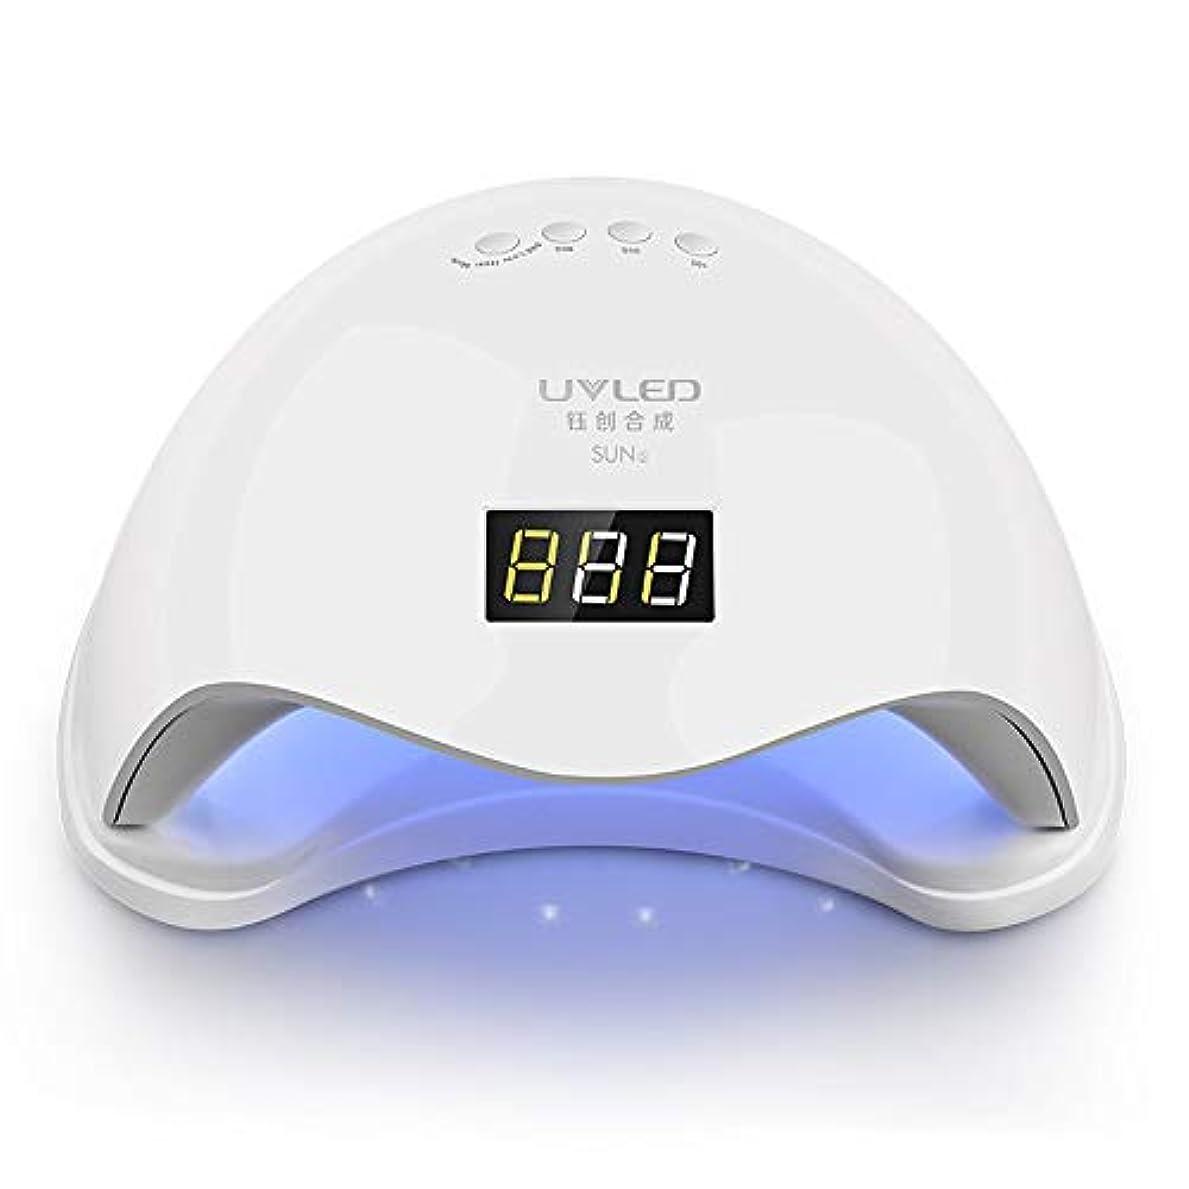 器具複雑化粧ネイル光線療法マシン - LEDライトクイックドライ誘導光線療法ライト、10秒/ 30秒/ 60秒/ 99秒時限付きネイルドライヤー - 48w / 10秒高速乾燥/ 36光ビーズ